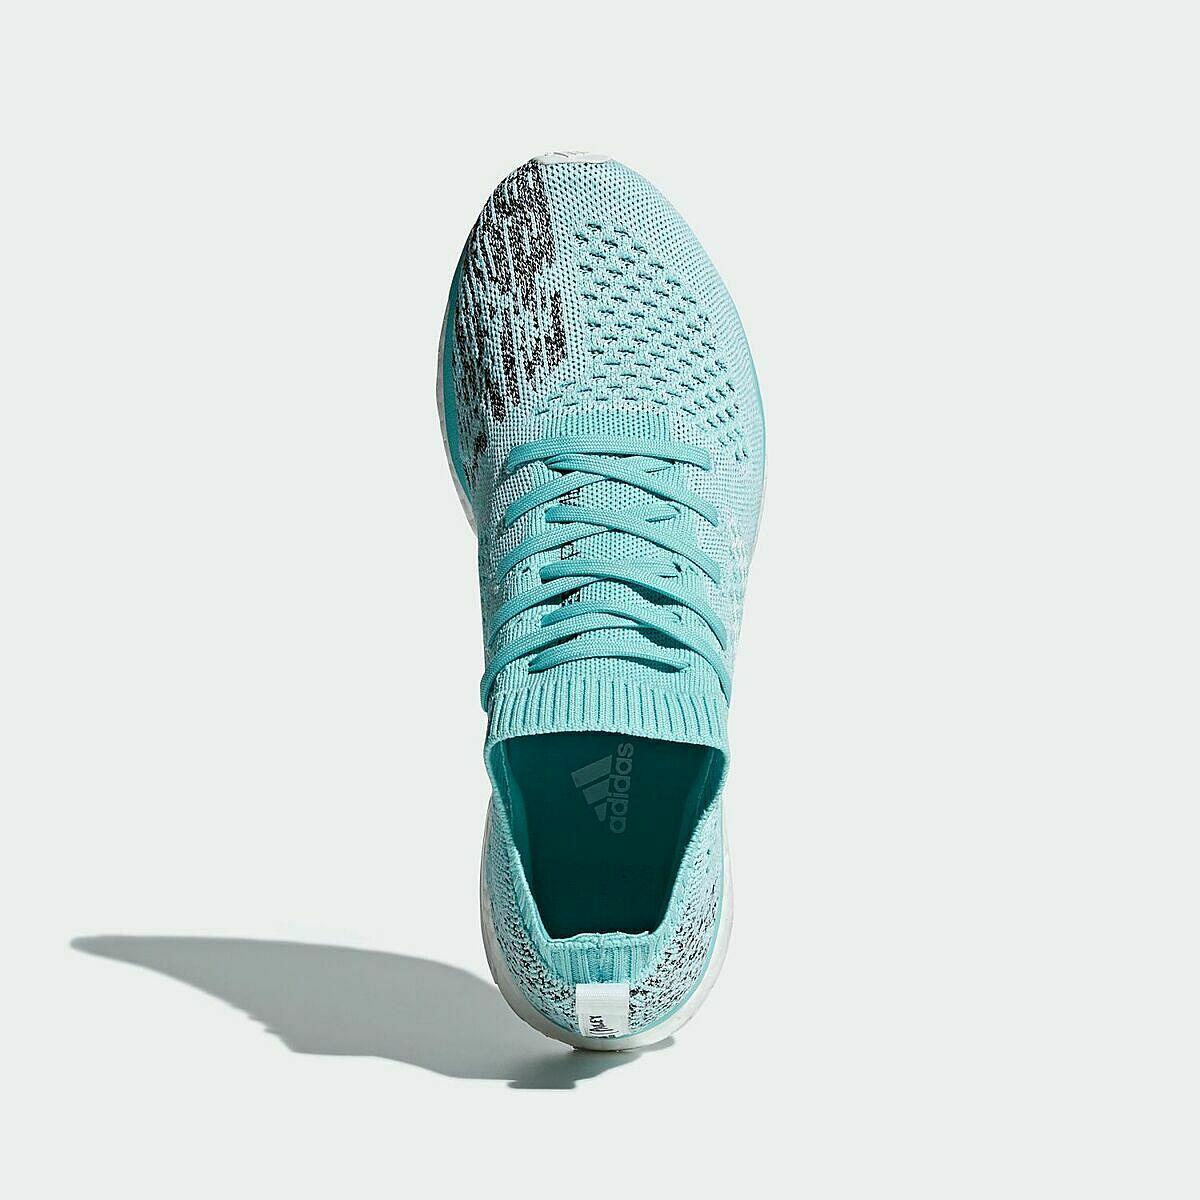 Giày thể thao chính hãng Adidas Adizero Prime Parley LTD AQ0201 giảm 50% còn 2,79 triệu đồng; phản hồi lực tốt, bền bỉ nhưng không quá cứng, êm ái và hỗ trợ cho lòng bàn chân. Khi bàn chân người mang tác động lực lên tấm boost, phần xốp sẽ hấp thụ toàn bộ phần lực đó và mang lại những phản hồi lên lòng bàn chân.Đế giày sử dụng cao su continental giúp giày bám đường và chống mài mòn cao.